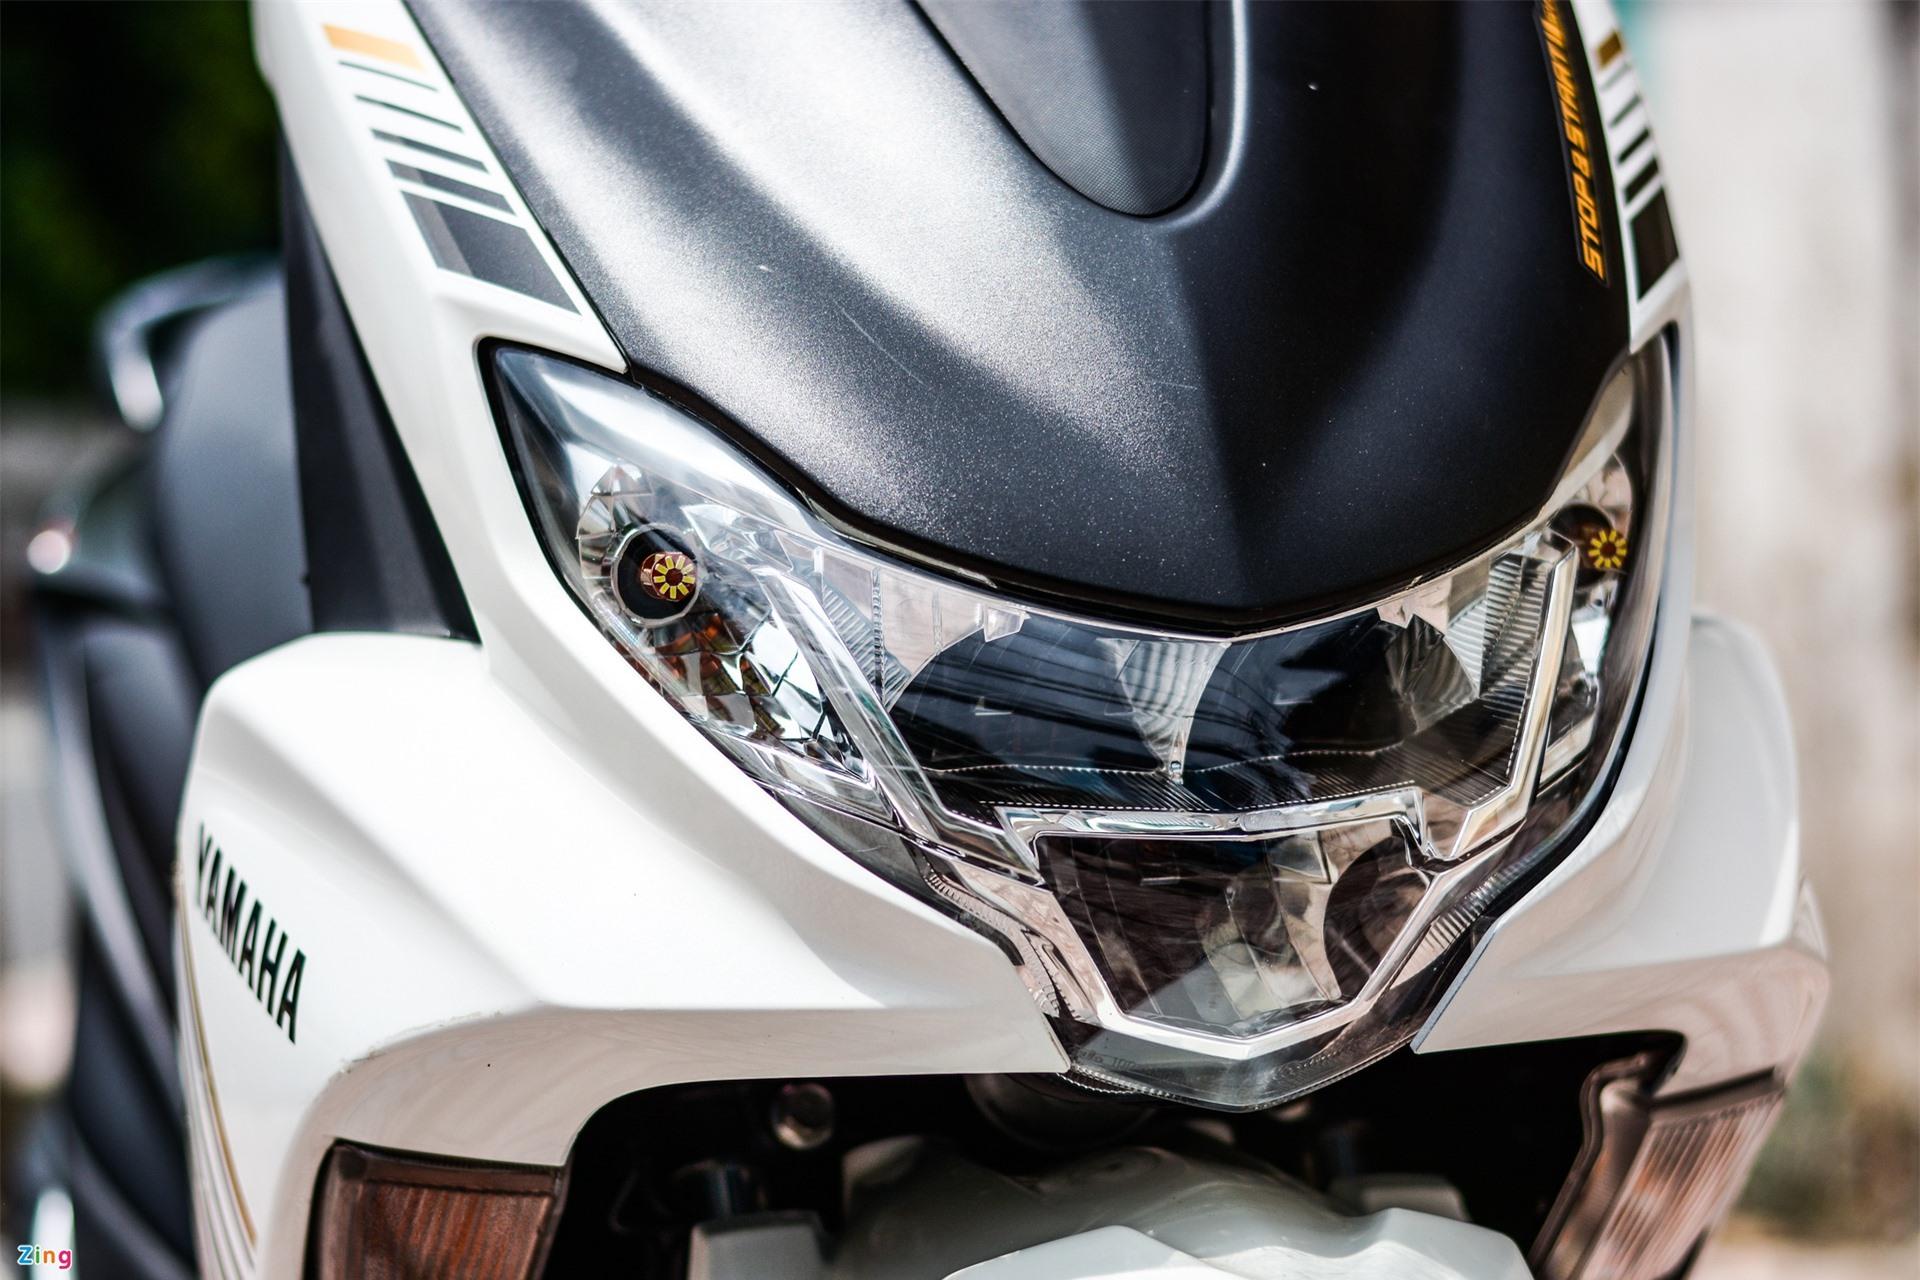 Đánh giá Yamaha FreeGo S: Giá rẻ có đáng mua? - Hình 3